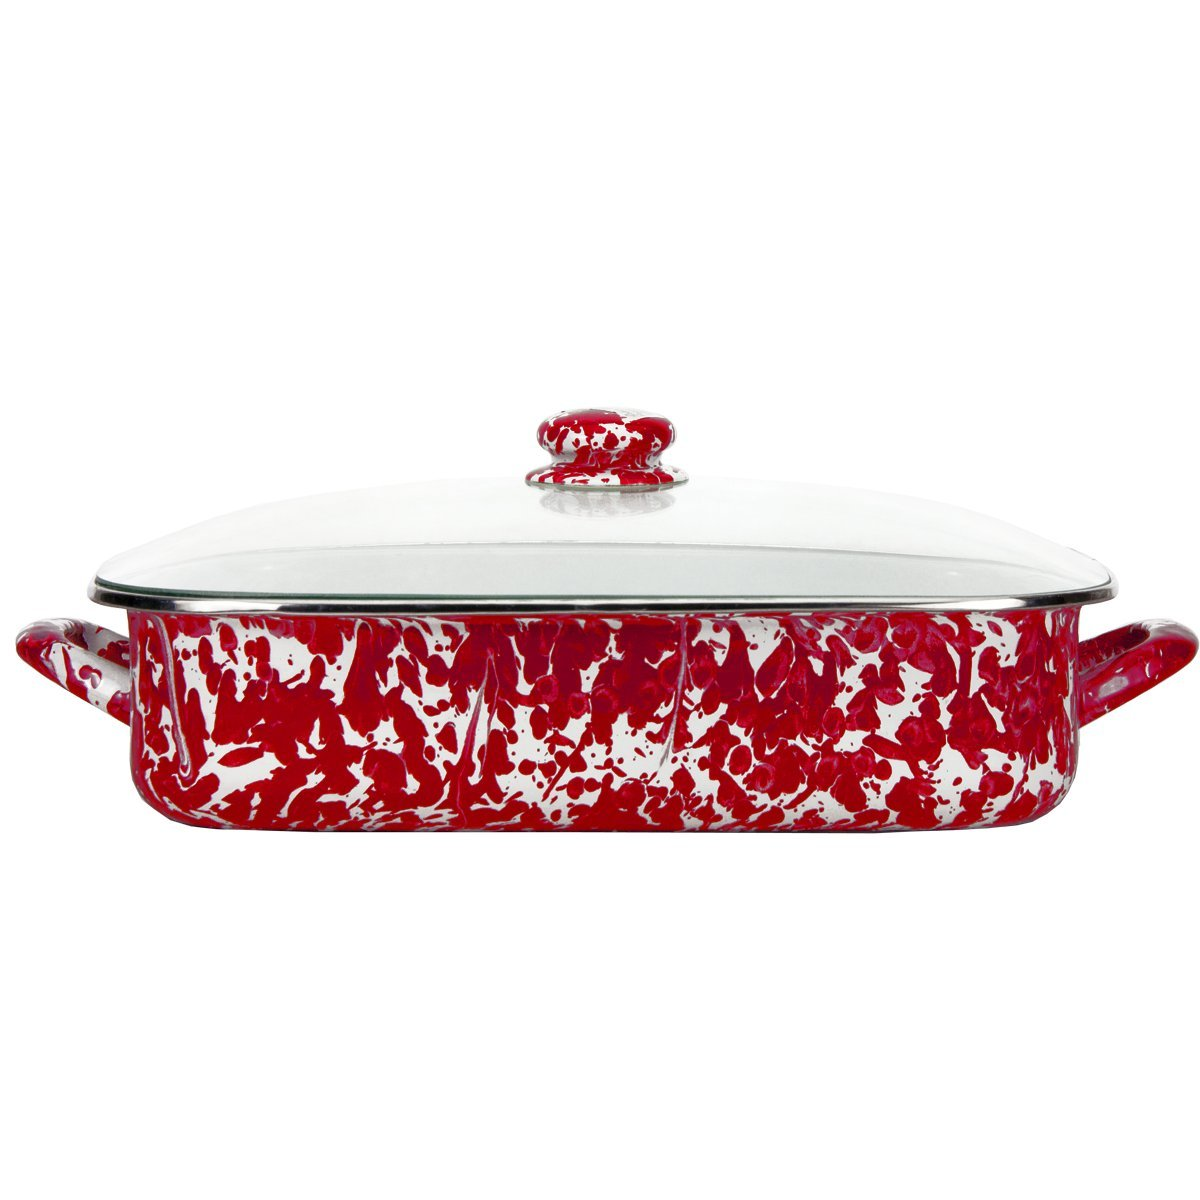 Enamelware - Red Swirl Pattern -16 x 12.5 x 4 inch Lasagna Pan Set